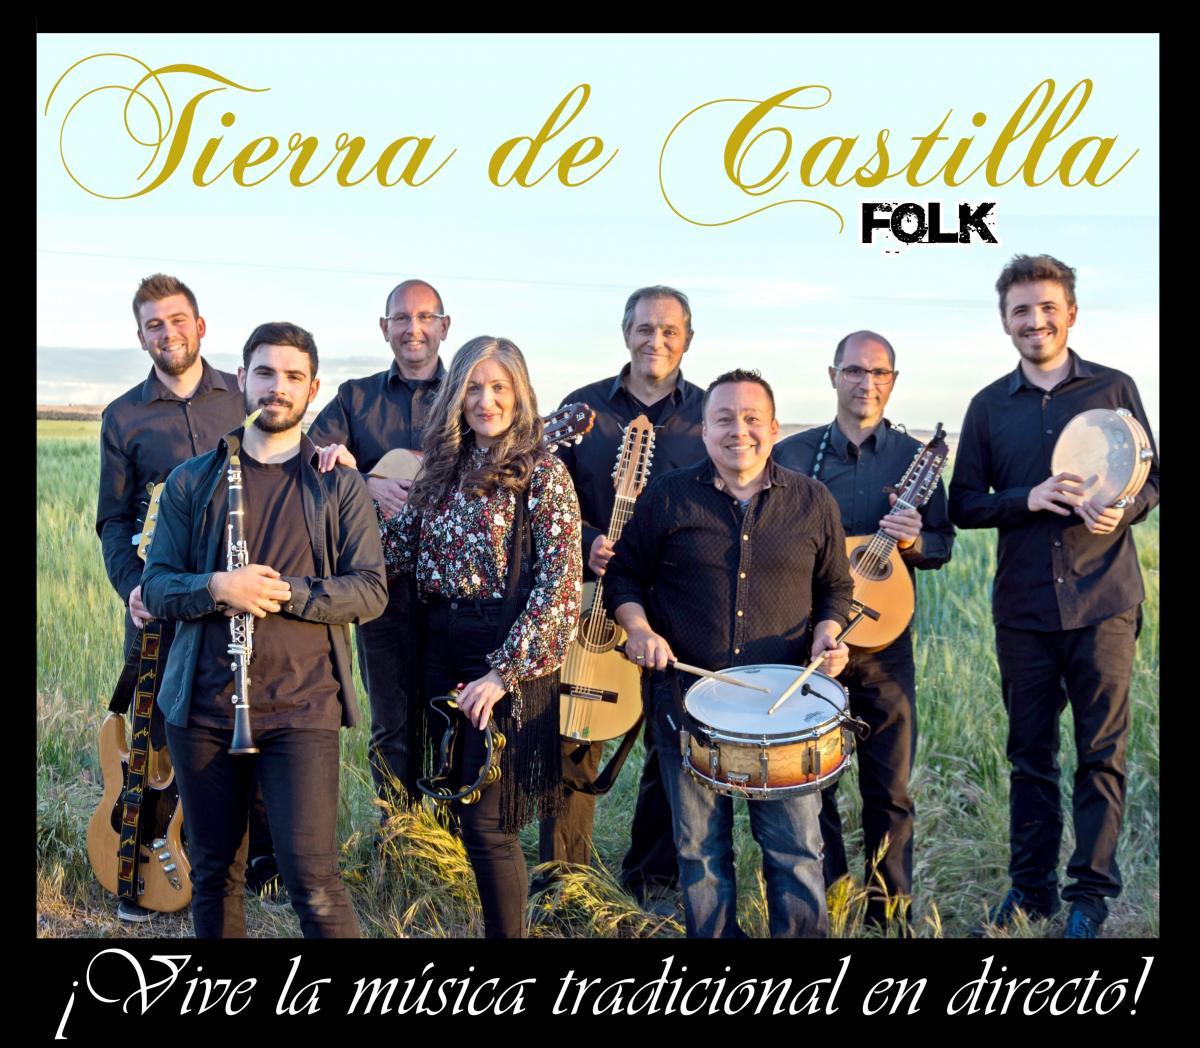 Tierra de Castilla 2019